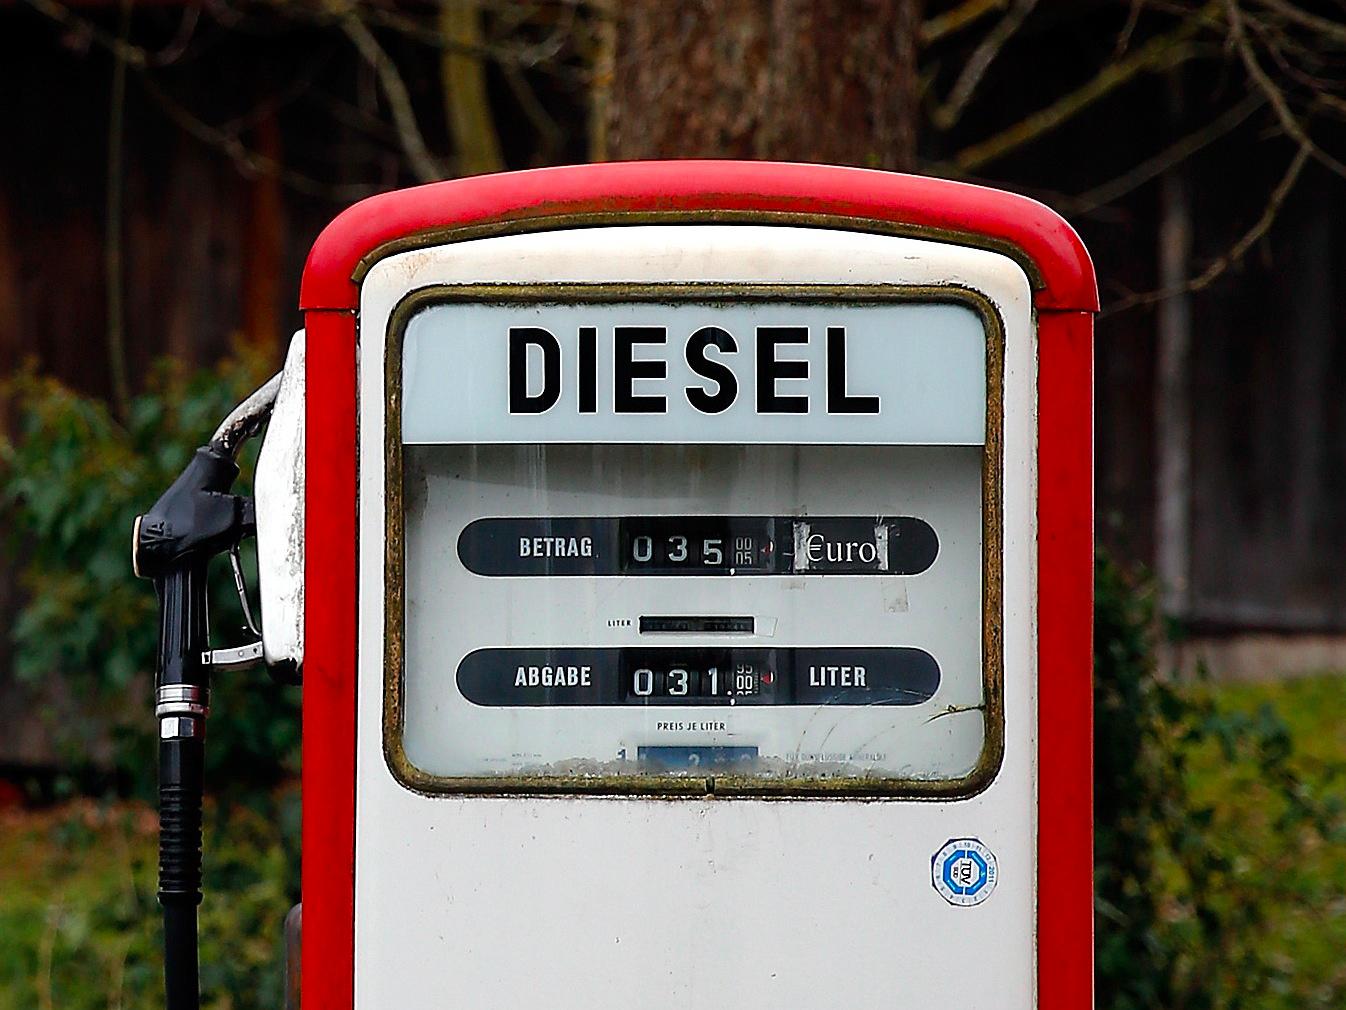 柴油车市场再受冲击 英国对在售新型柴油车加税